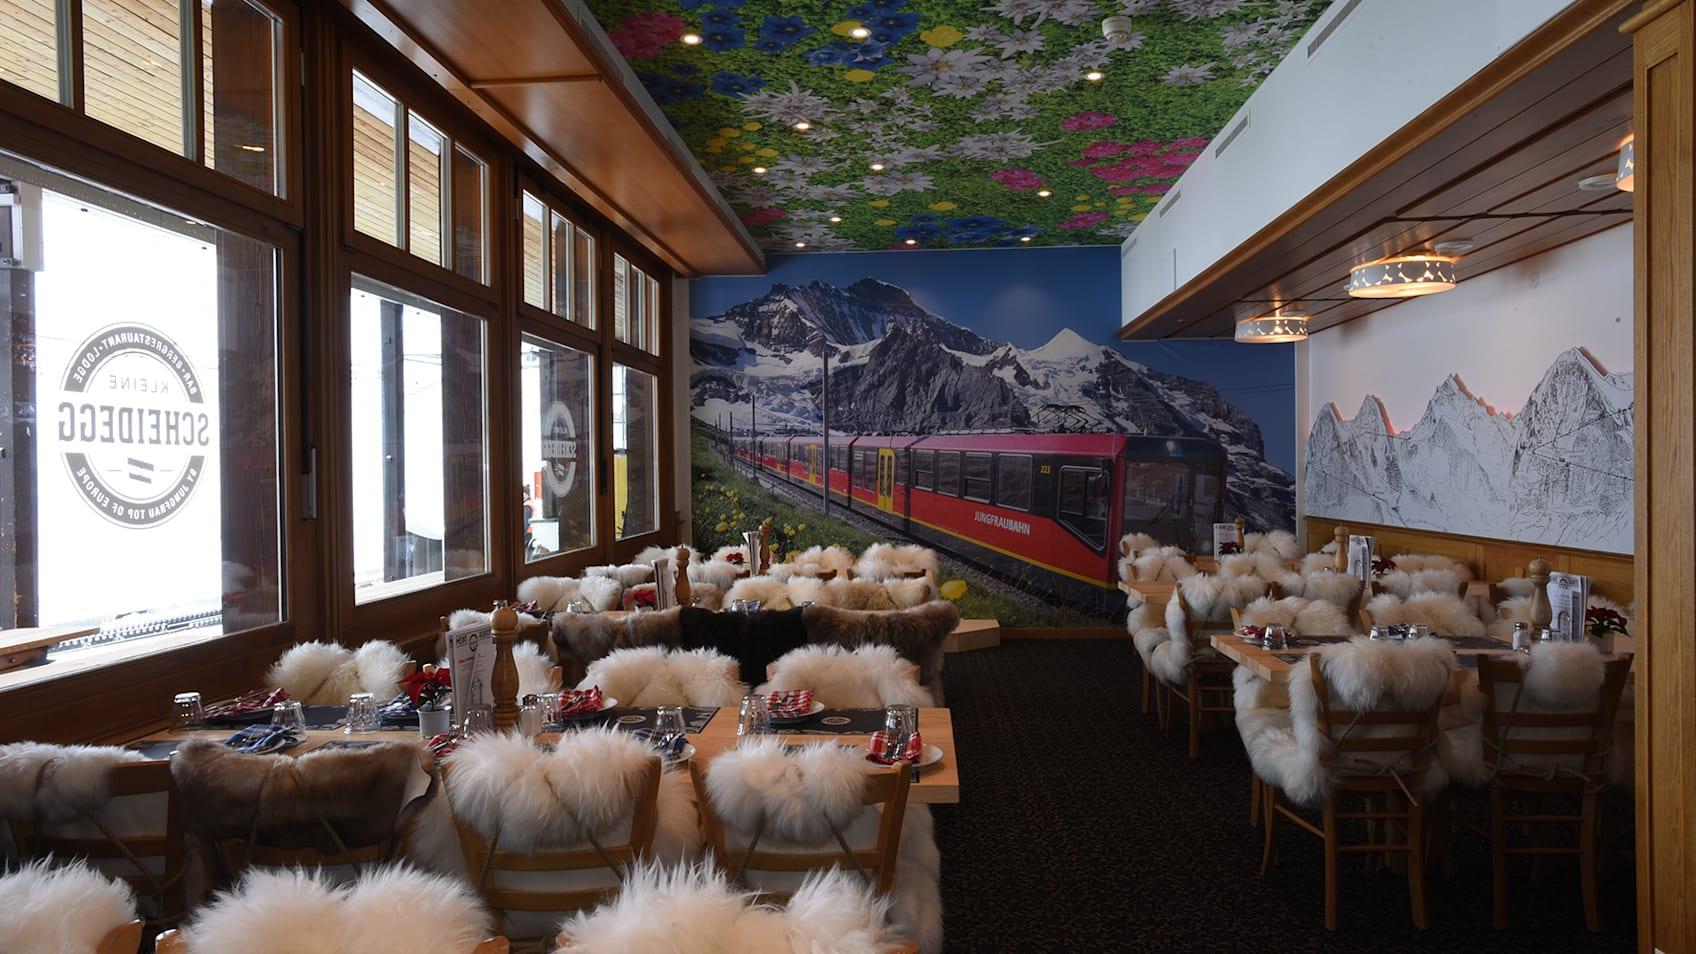 Jungfraustube